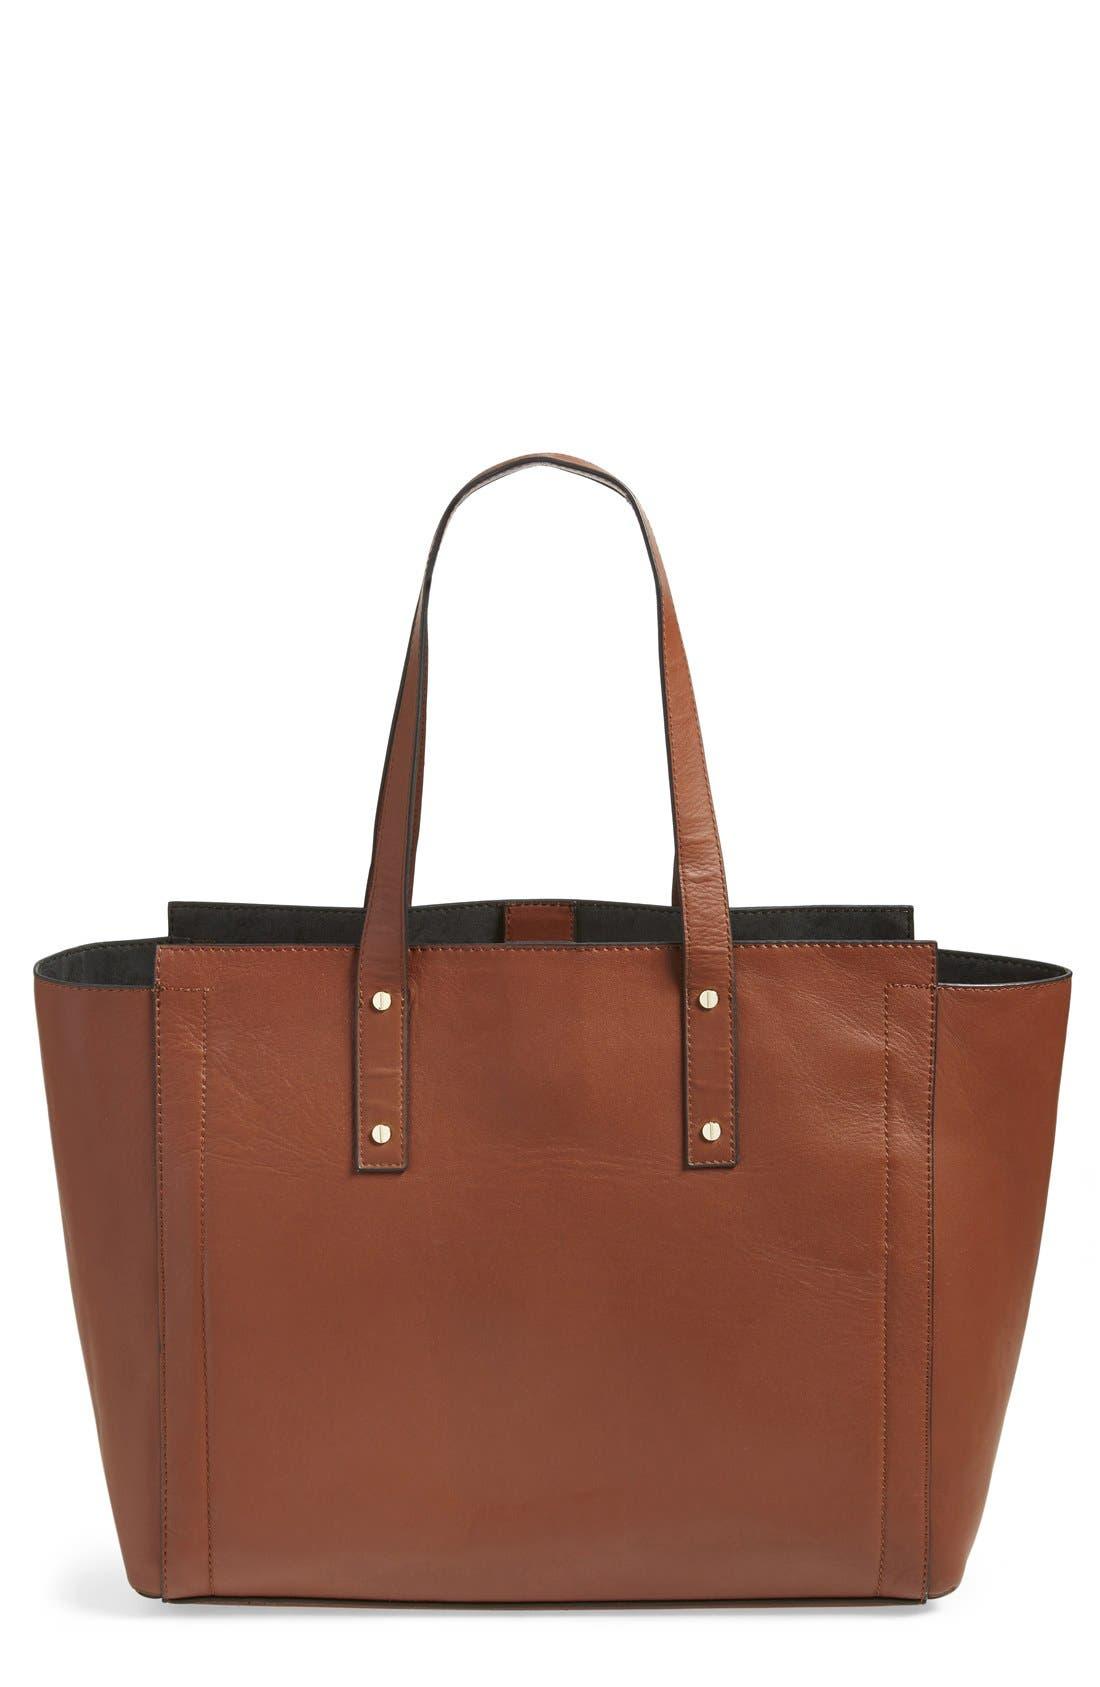 'Soho' Leather Tote,                         Main,                         color, Luggage